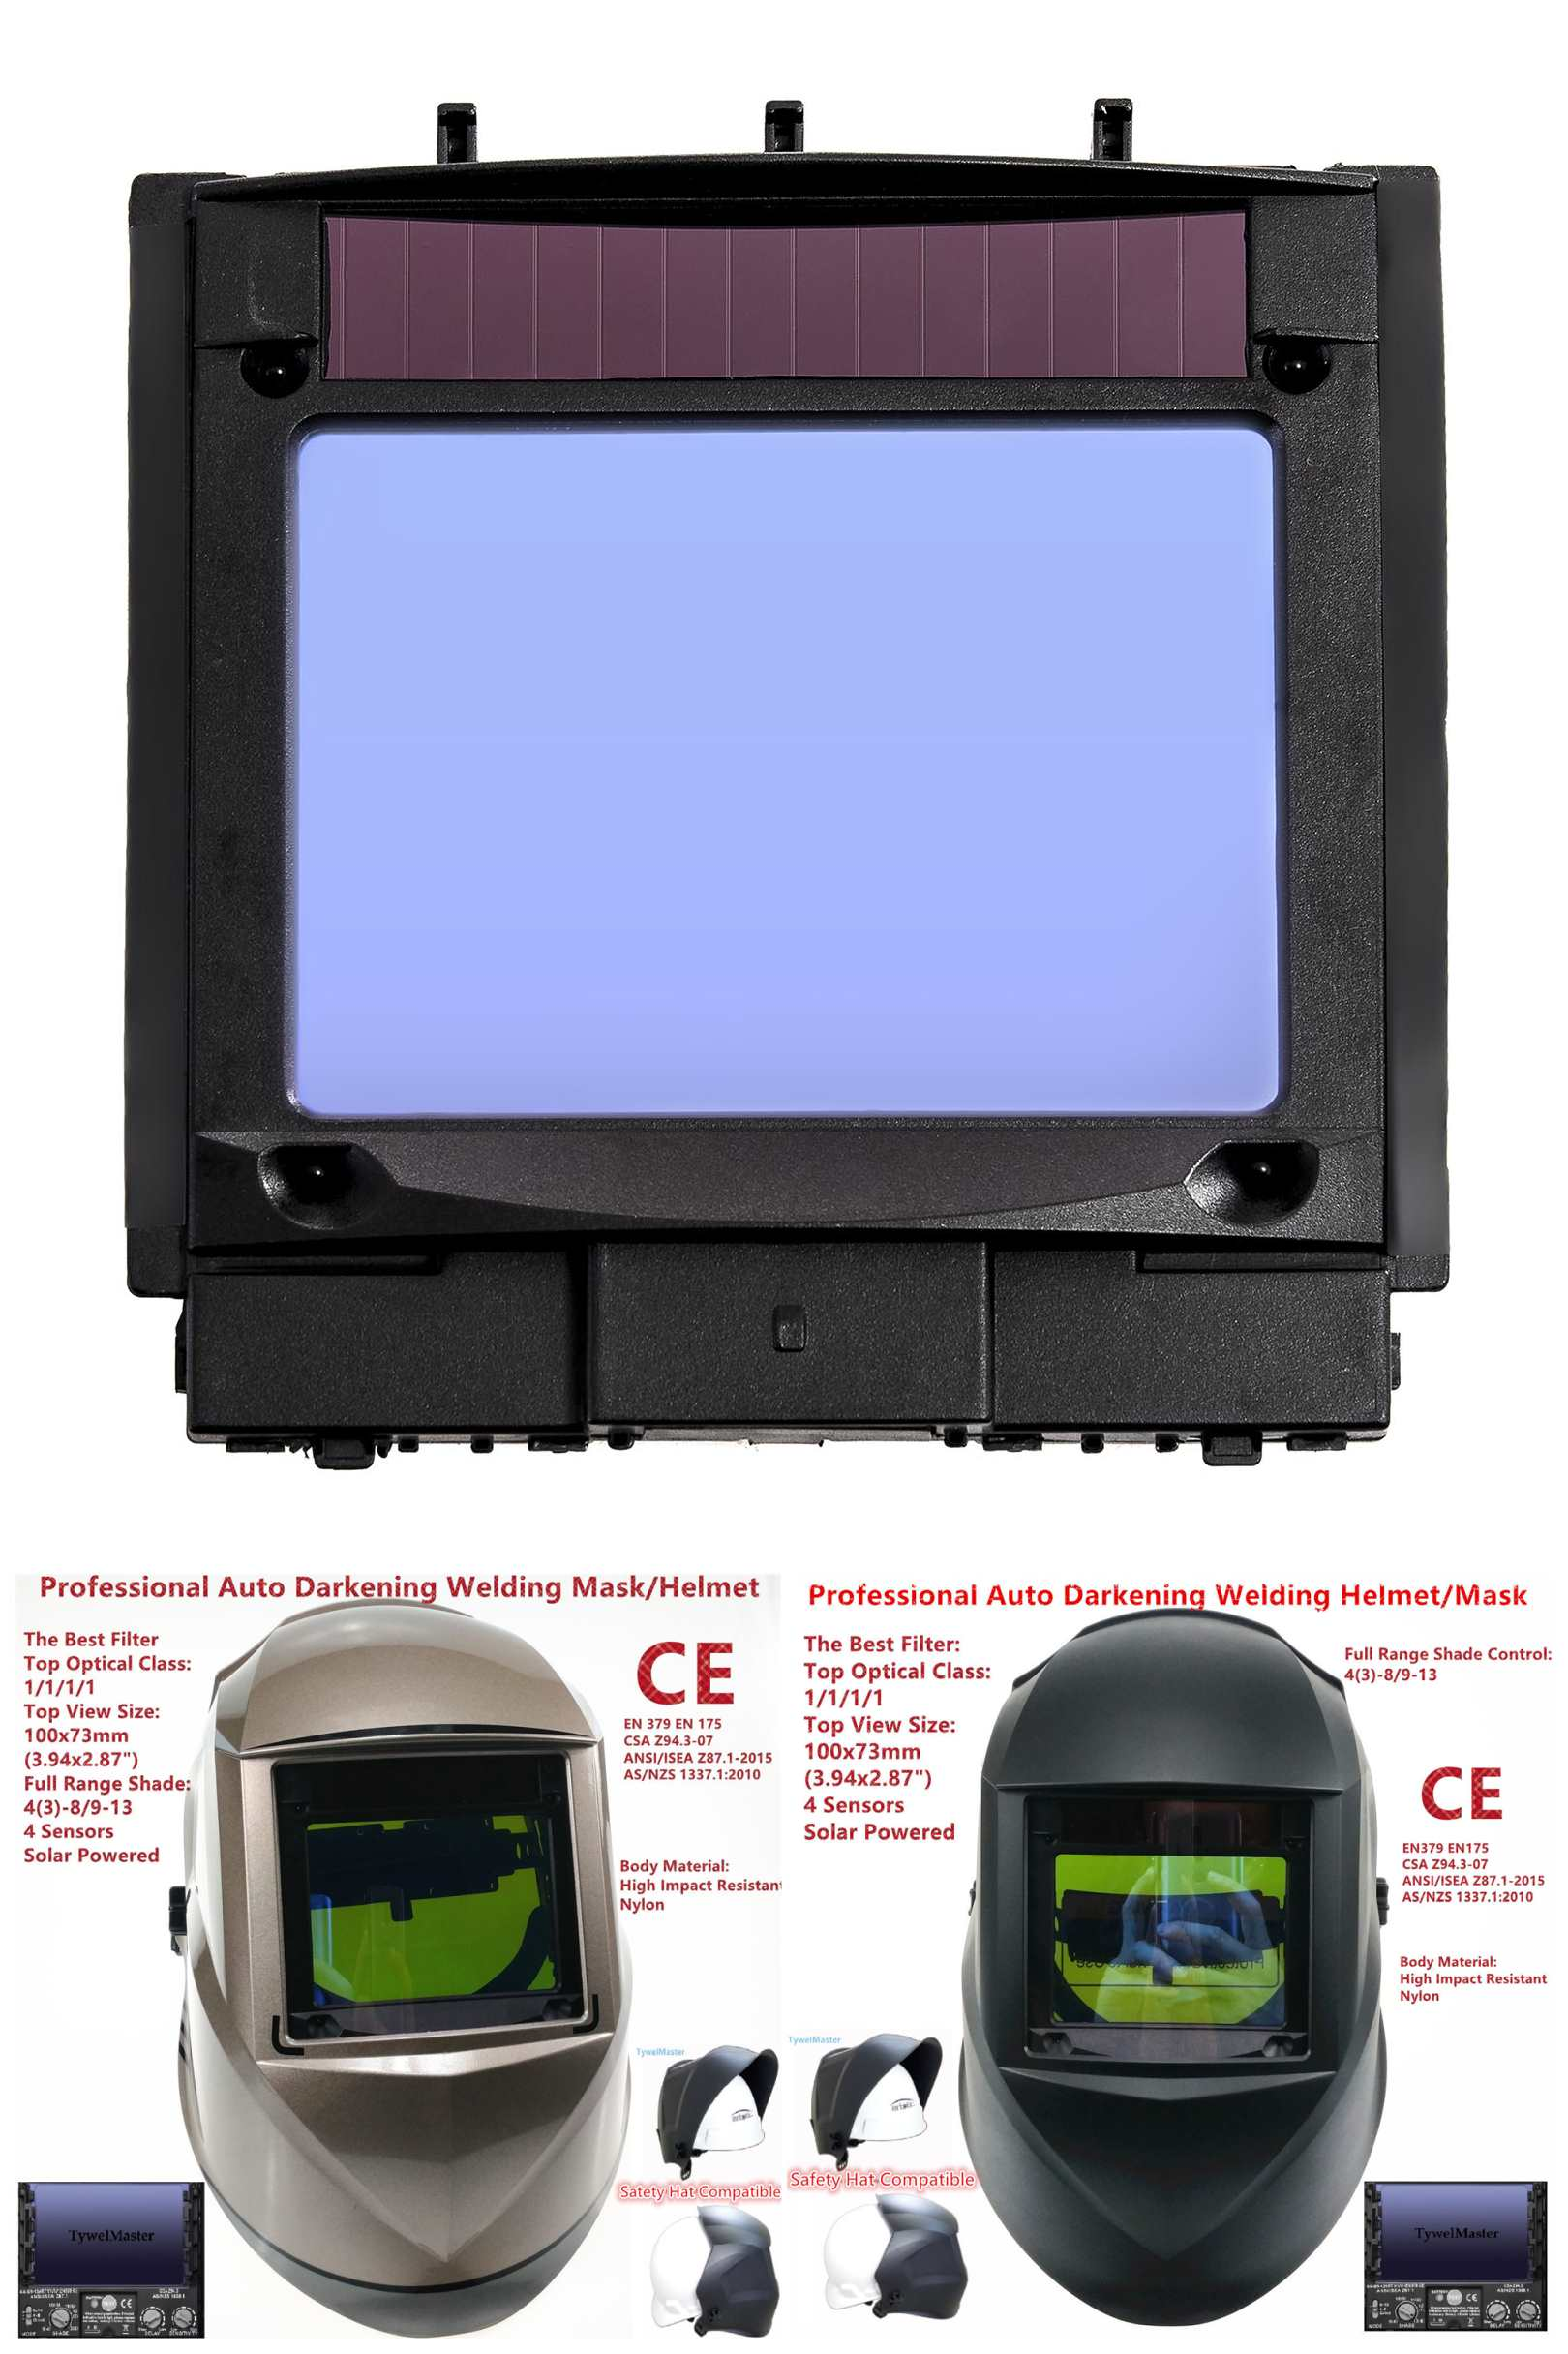 Filtr spawalniczy zobacz rozmiar 100x73mm (3.94x2.87in.) Solar 4 czujniki automatyczne przyciemnianie najlepsza klasa optyczna 1111 Full Range Shade 4 (3)-13